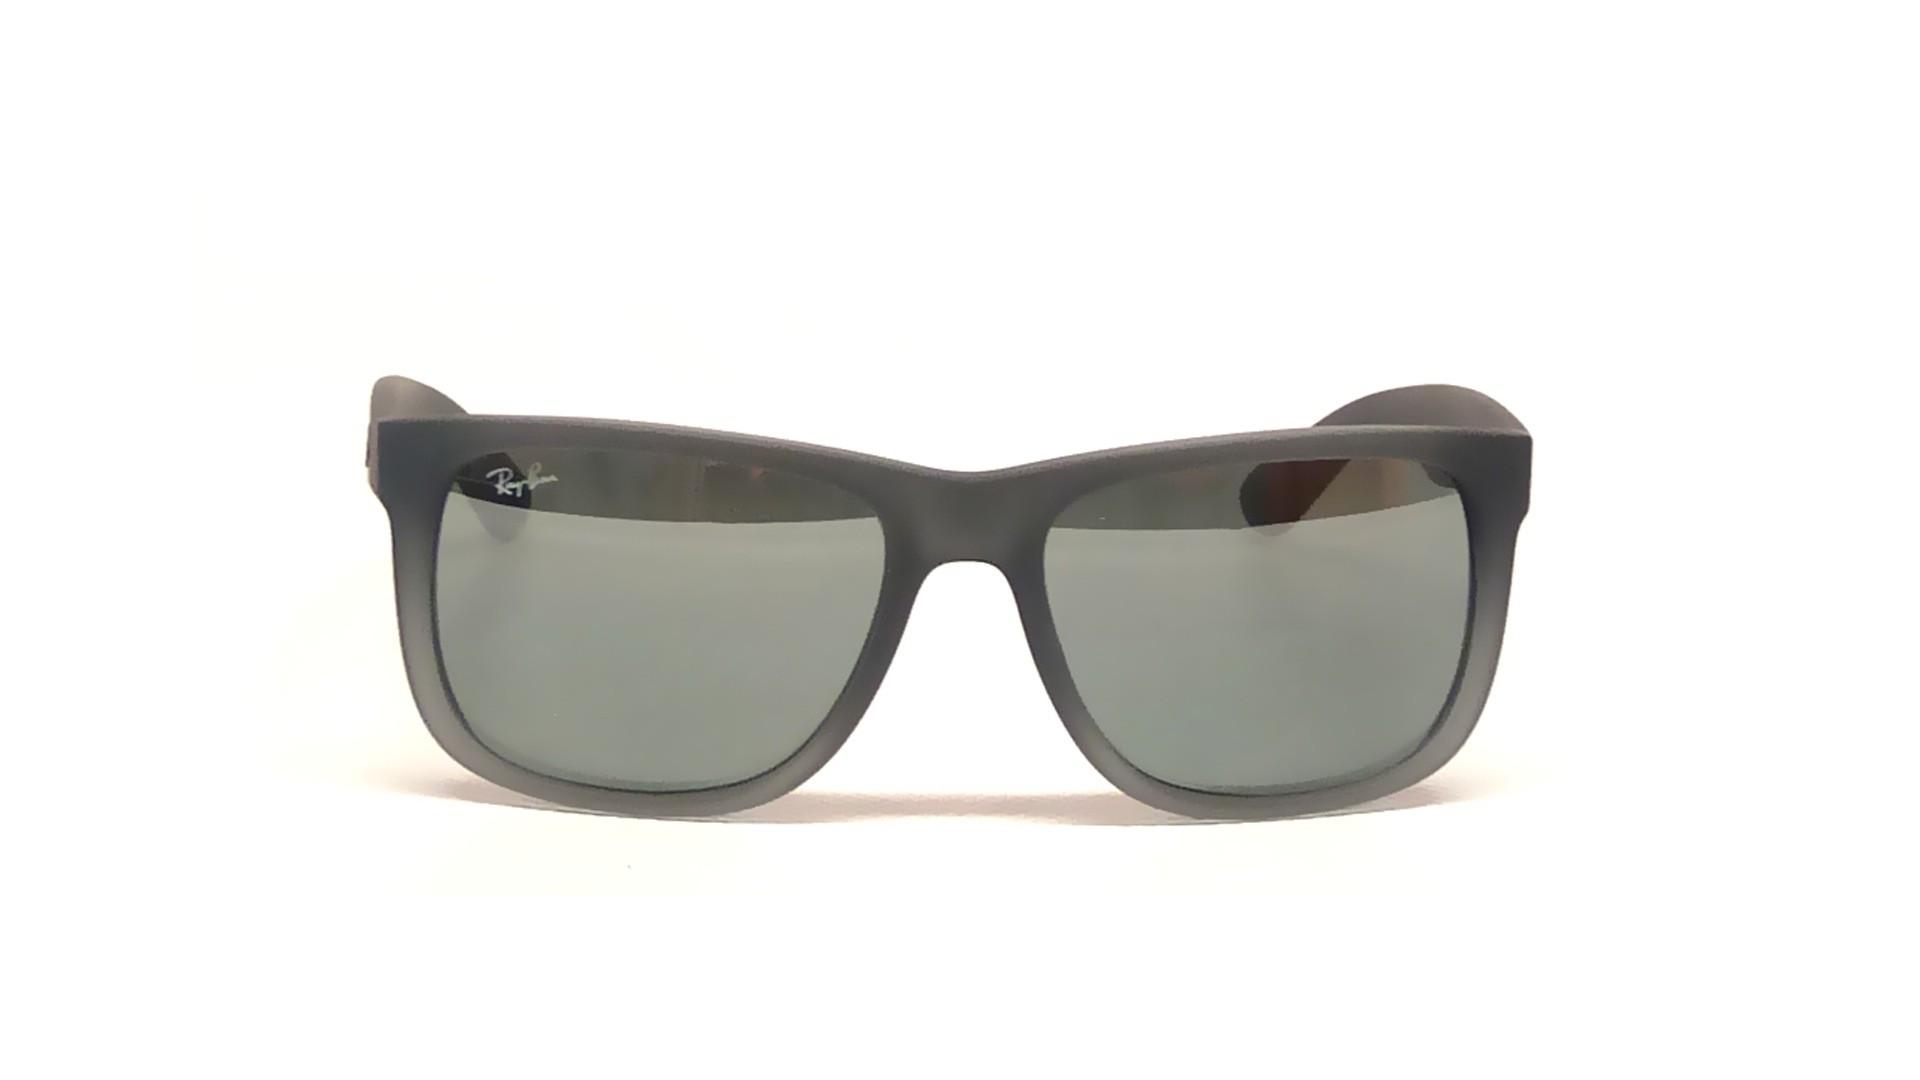 6df92e180f Ray Ban Justin Sunglasses Size « Heritage Malta